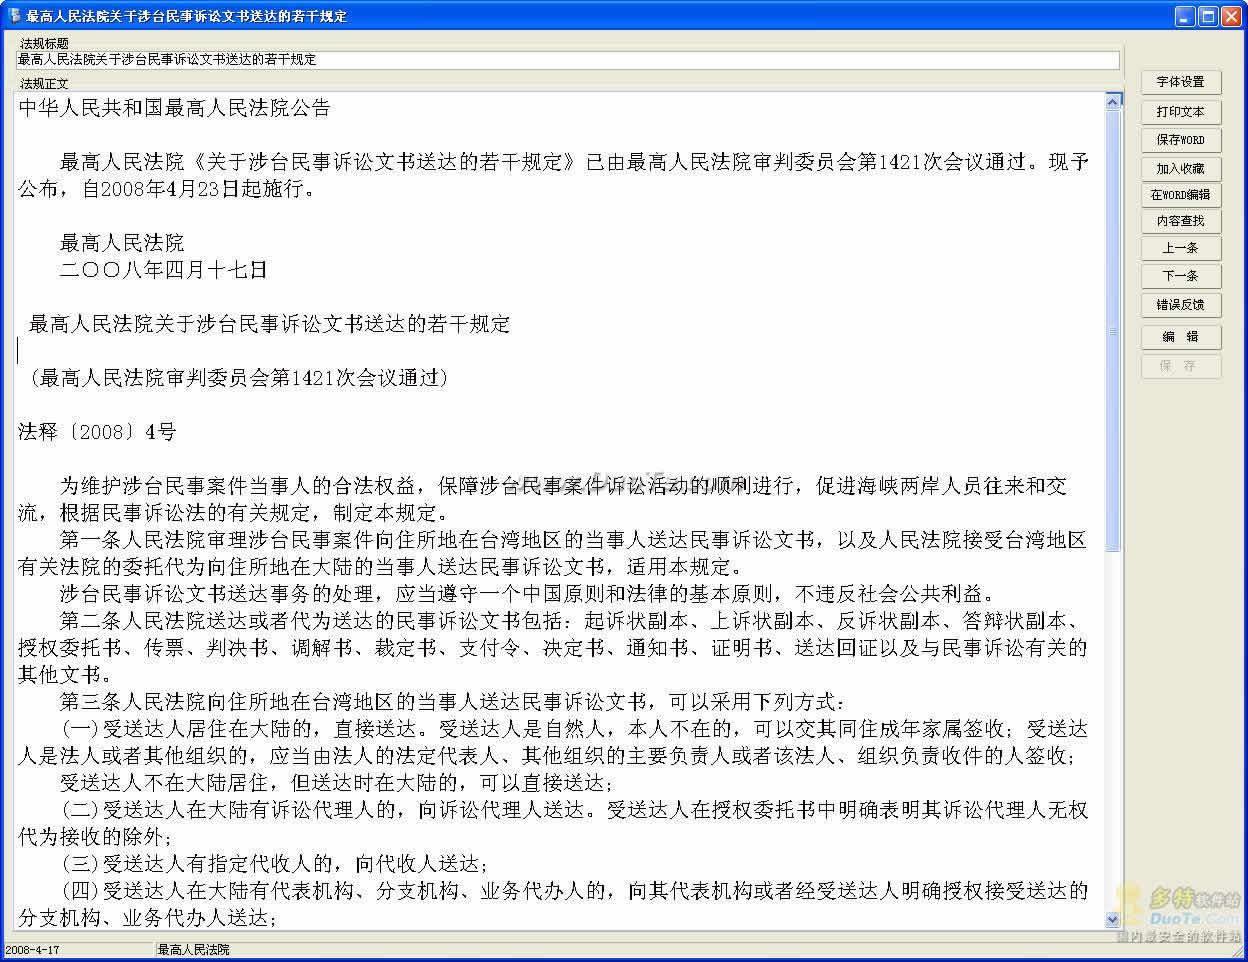 中国法律法规大全(电子版)下载